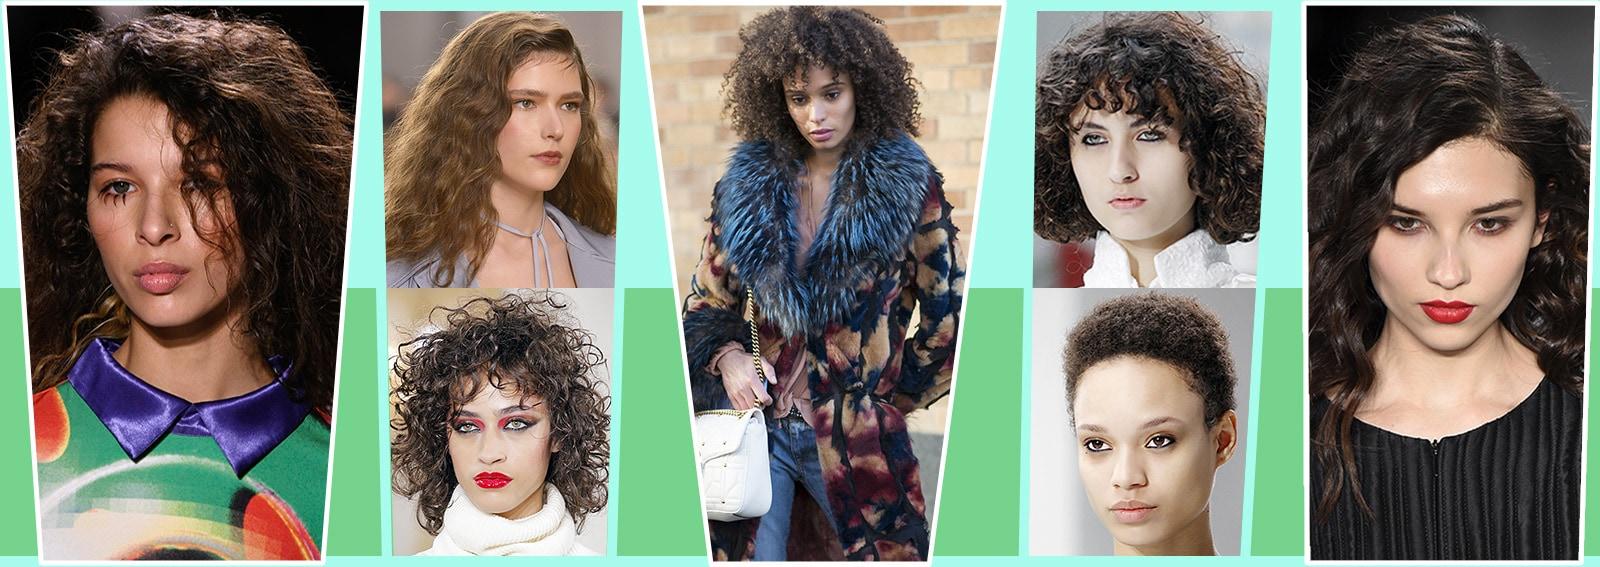 Tagli capelli ricci: le tendenze Autunno Inverno 2017 2018